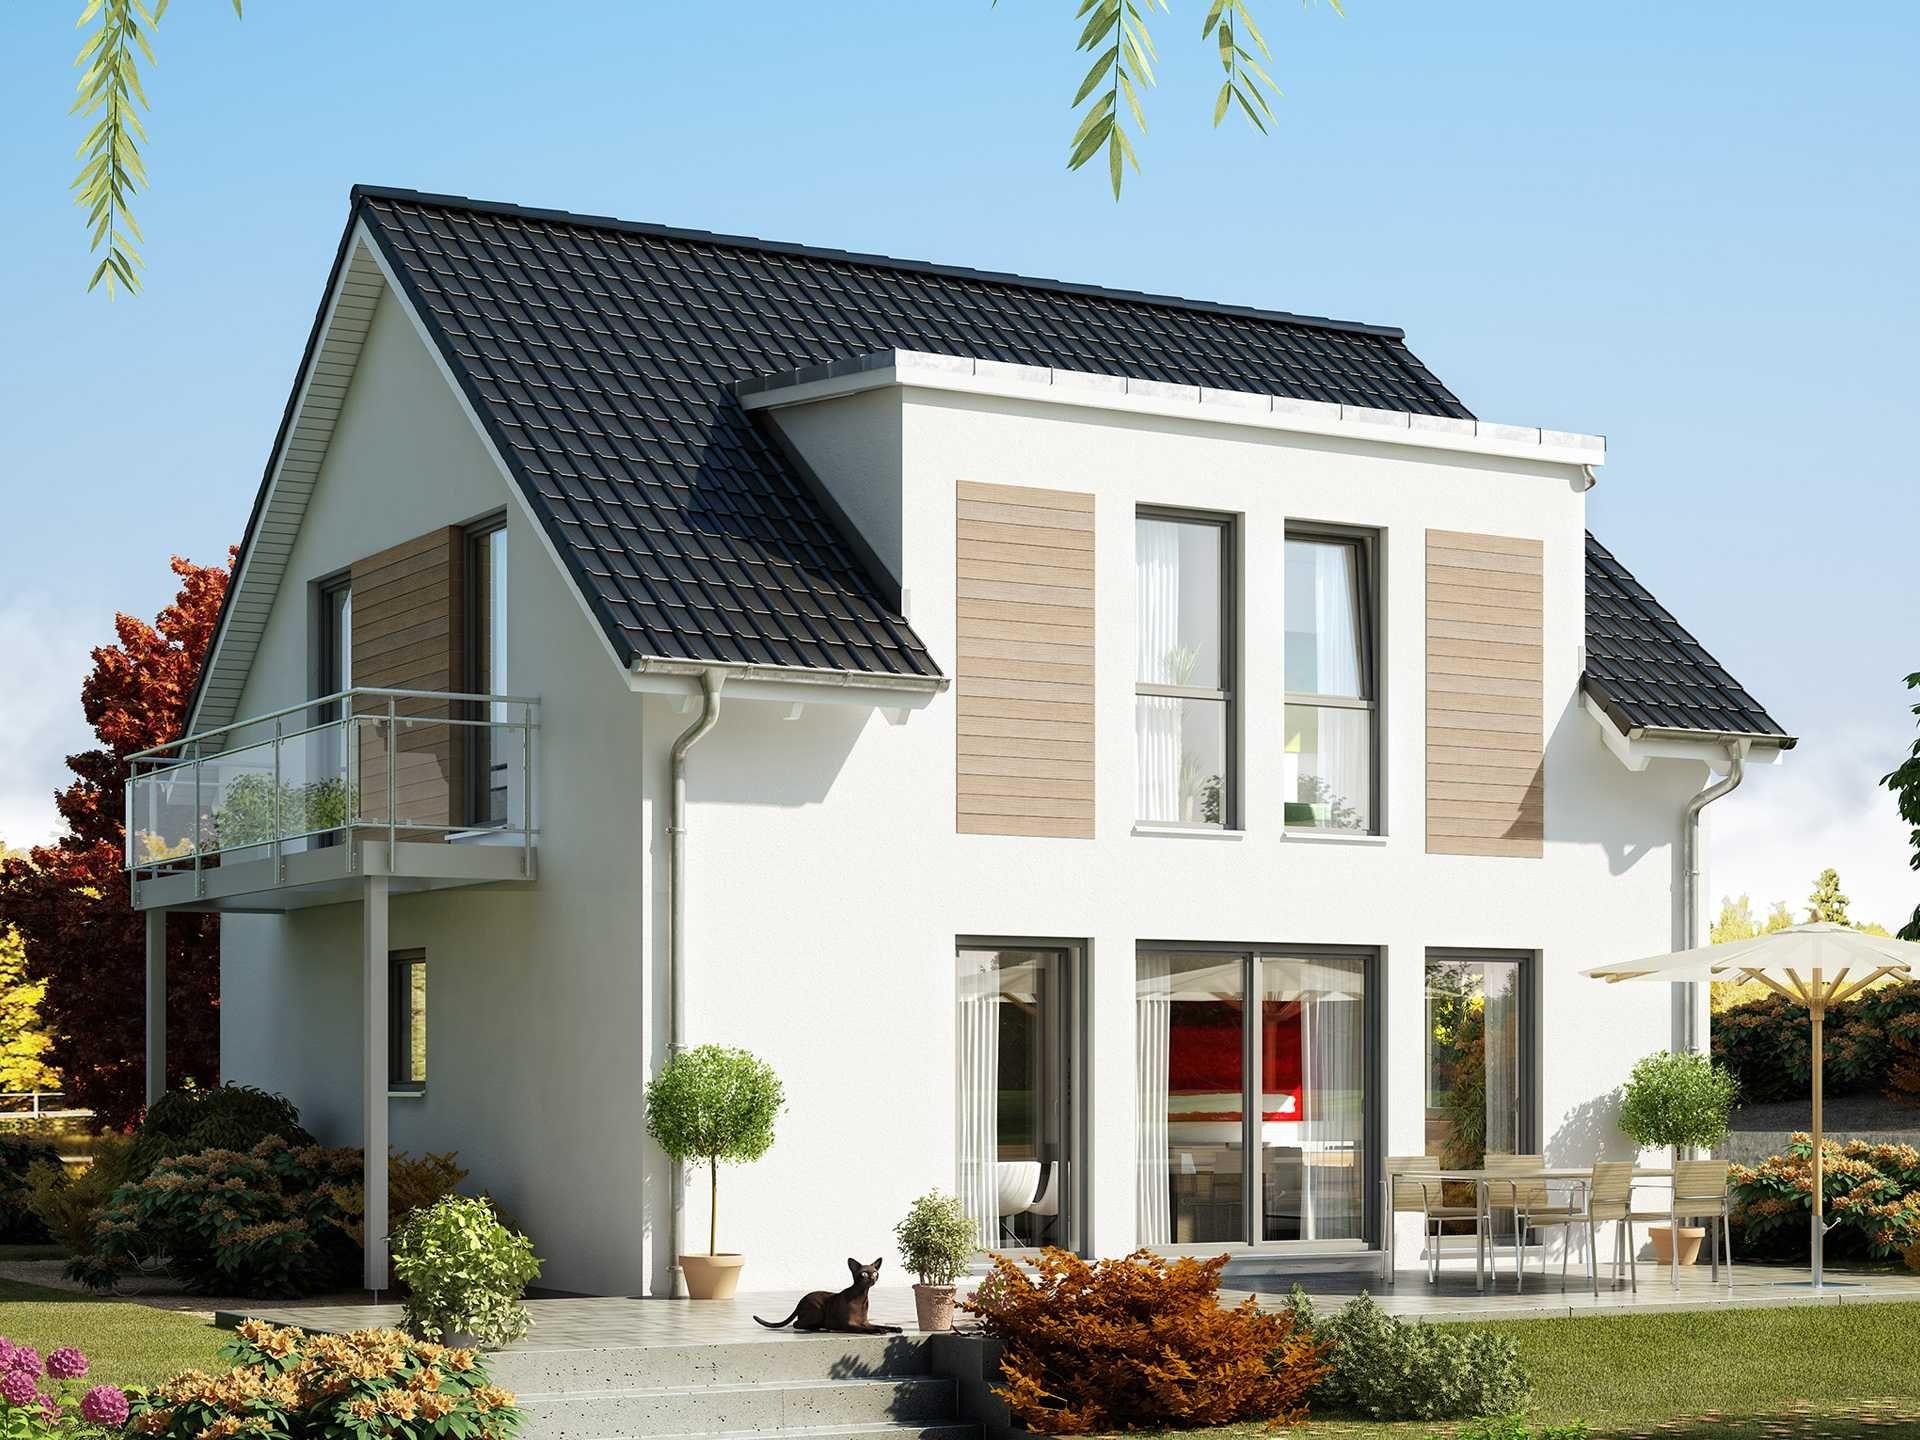 Einfamilienhaus satteldach zwerchgiebel  Celebration 125 V5 • Effizienzhaus von Bien-Zenker • Modernes ...